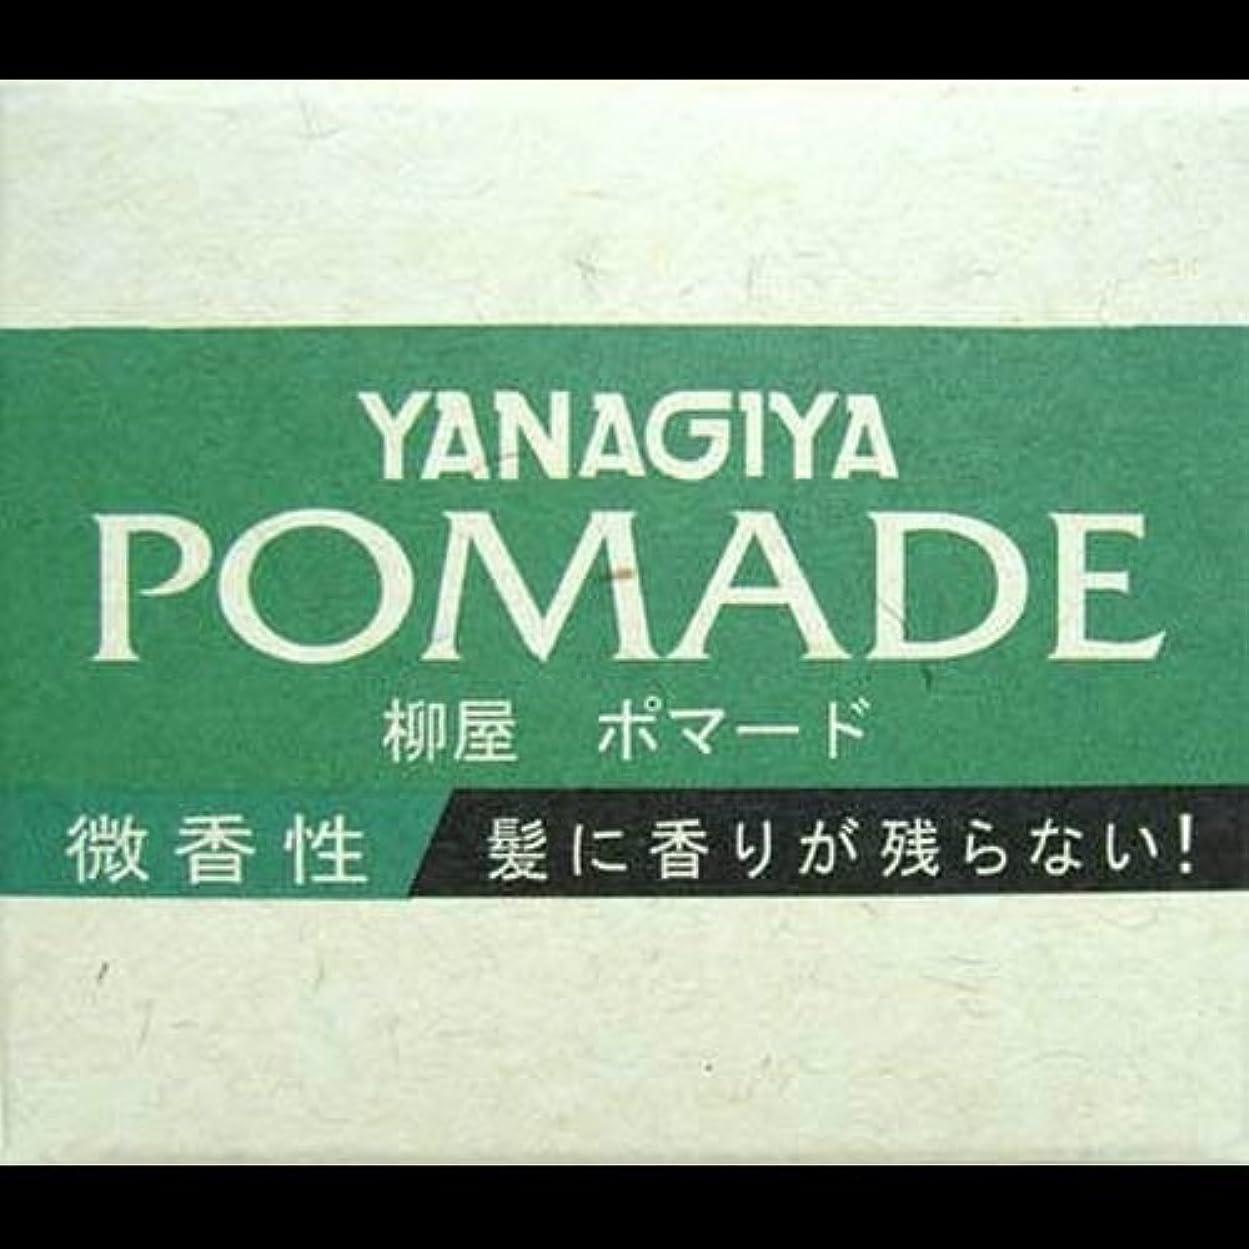 考古学摩擦祝福【まとめ買い】柳屋 ポマード微香性120g ×2セット